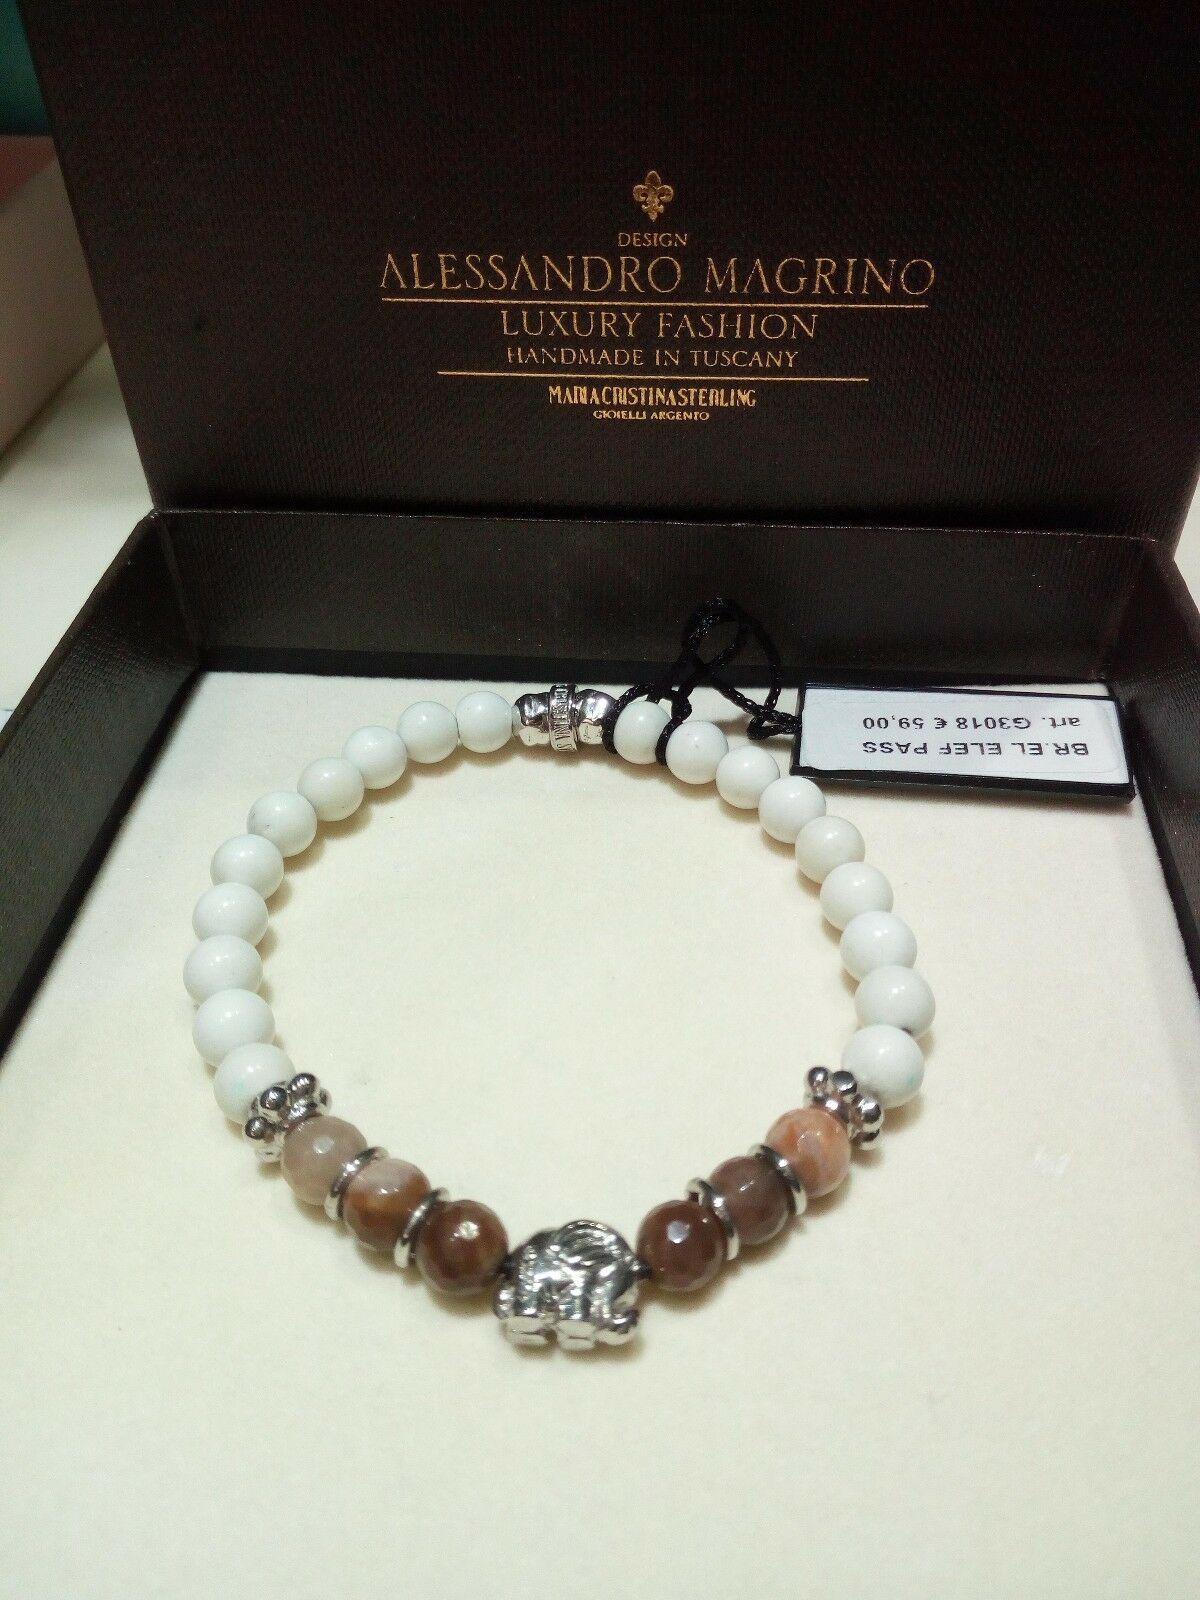 Bracciale Maria Cristina Sterling Elefante Argento Aulite bianca e Ebano G3018